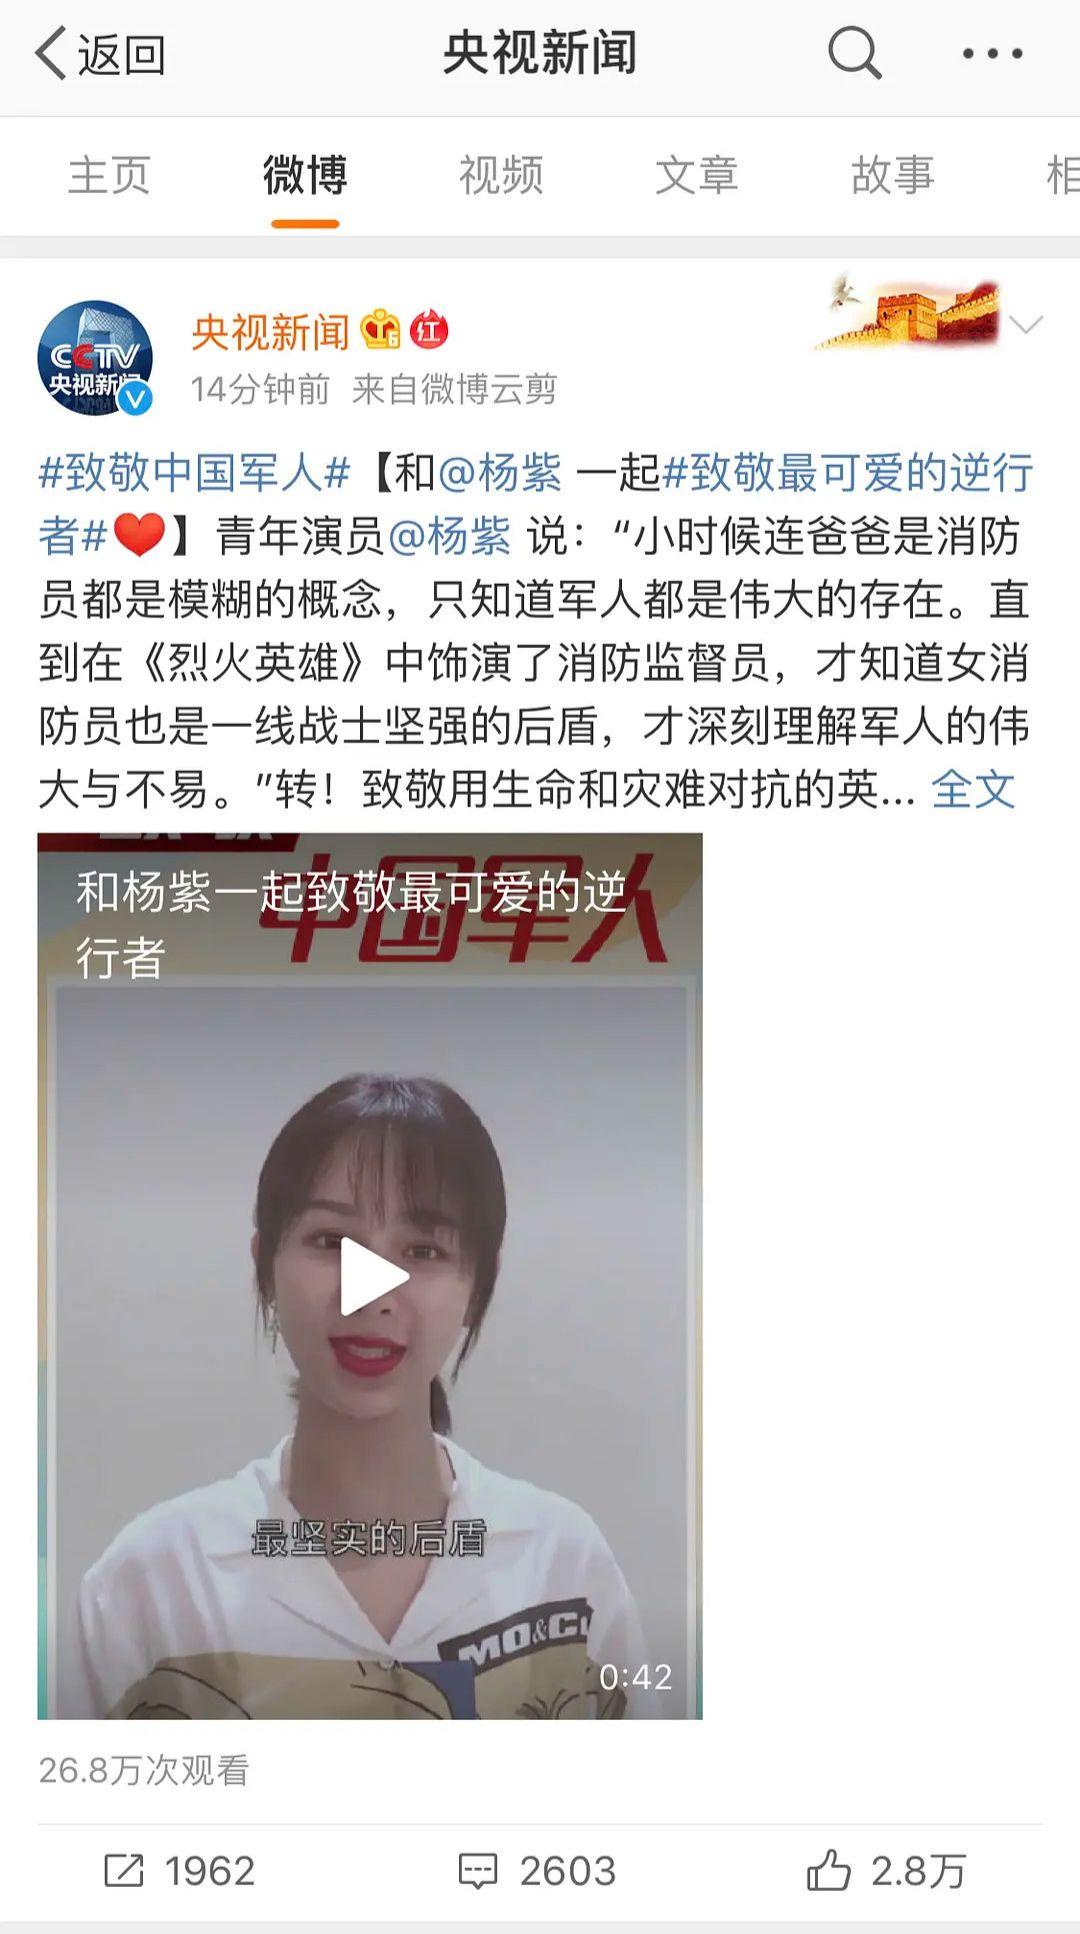 地图事件后,杨紫李现再次被央视点名的照片 - 4